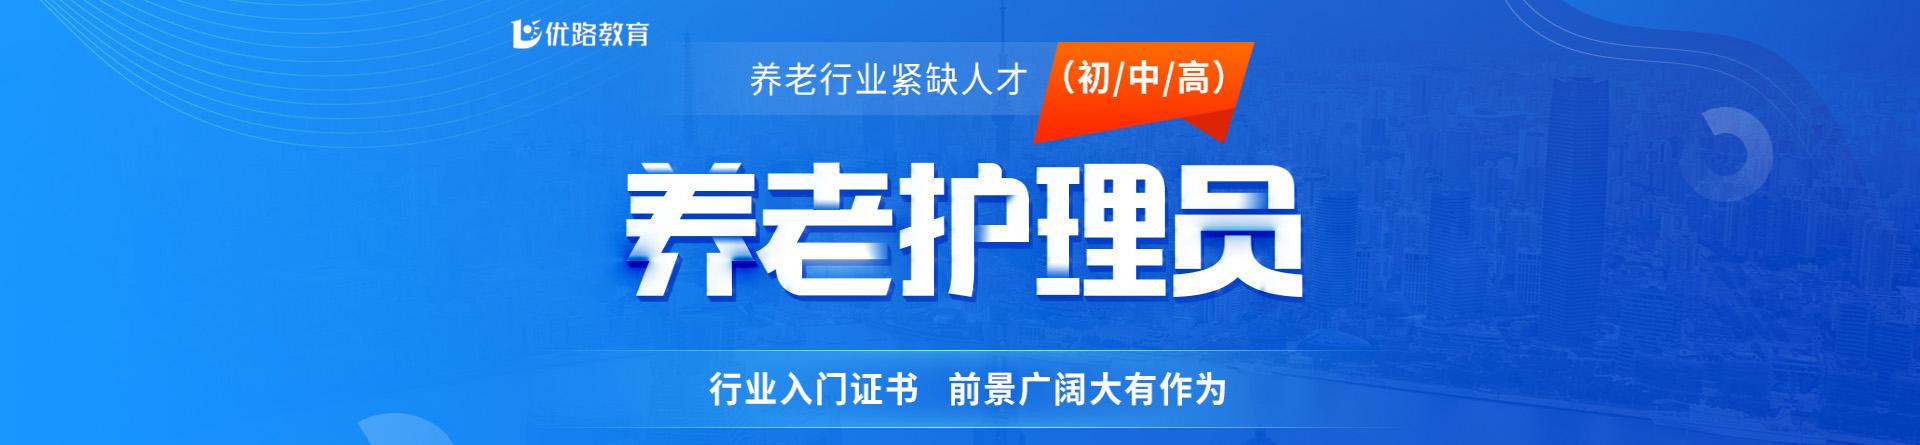 广西柳州优路教育培训学校